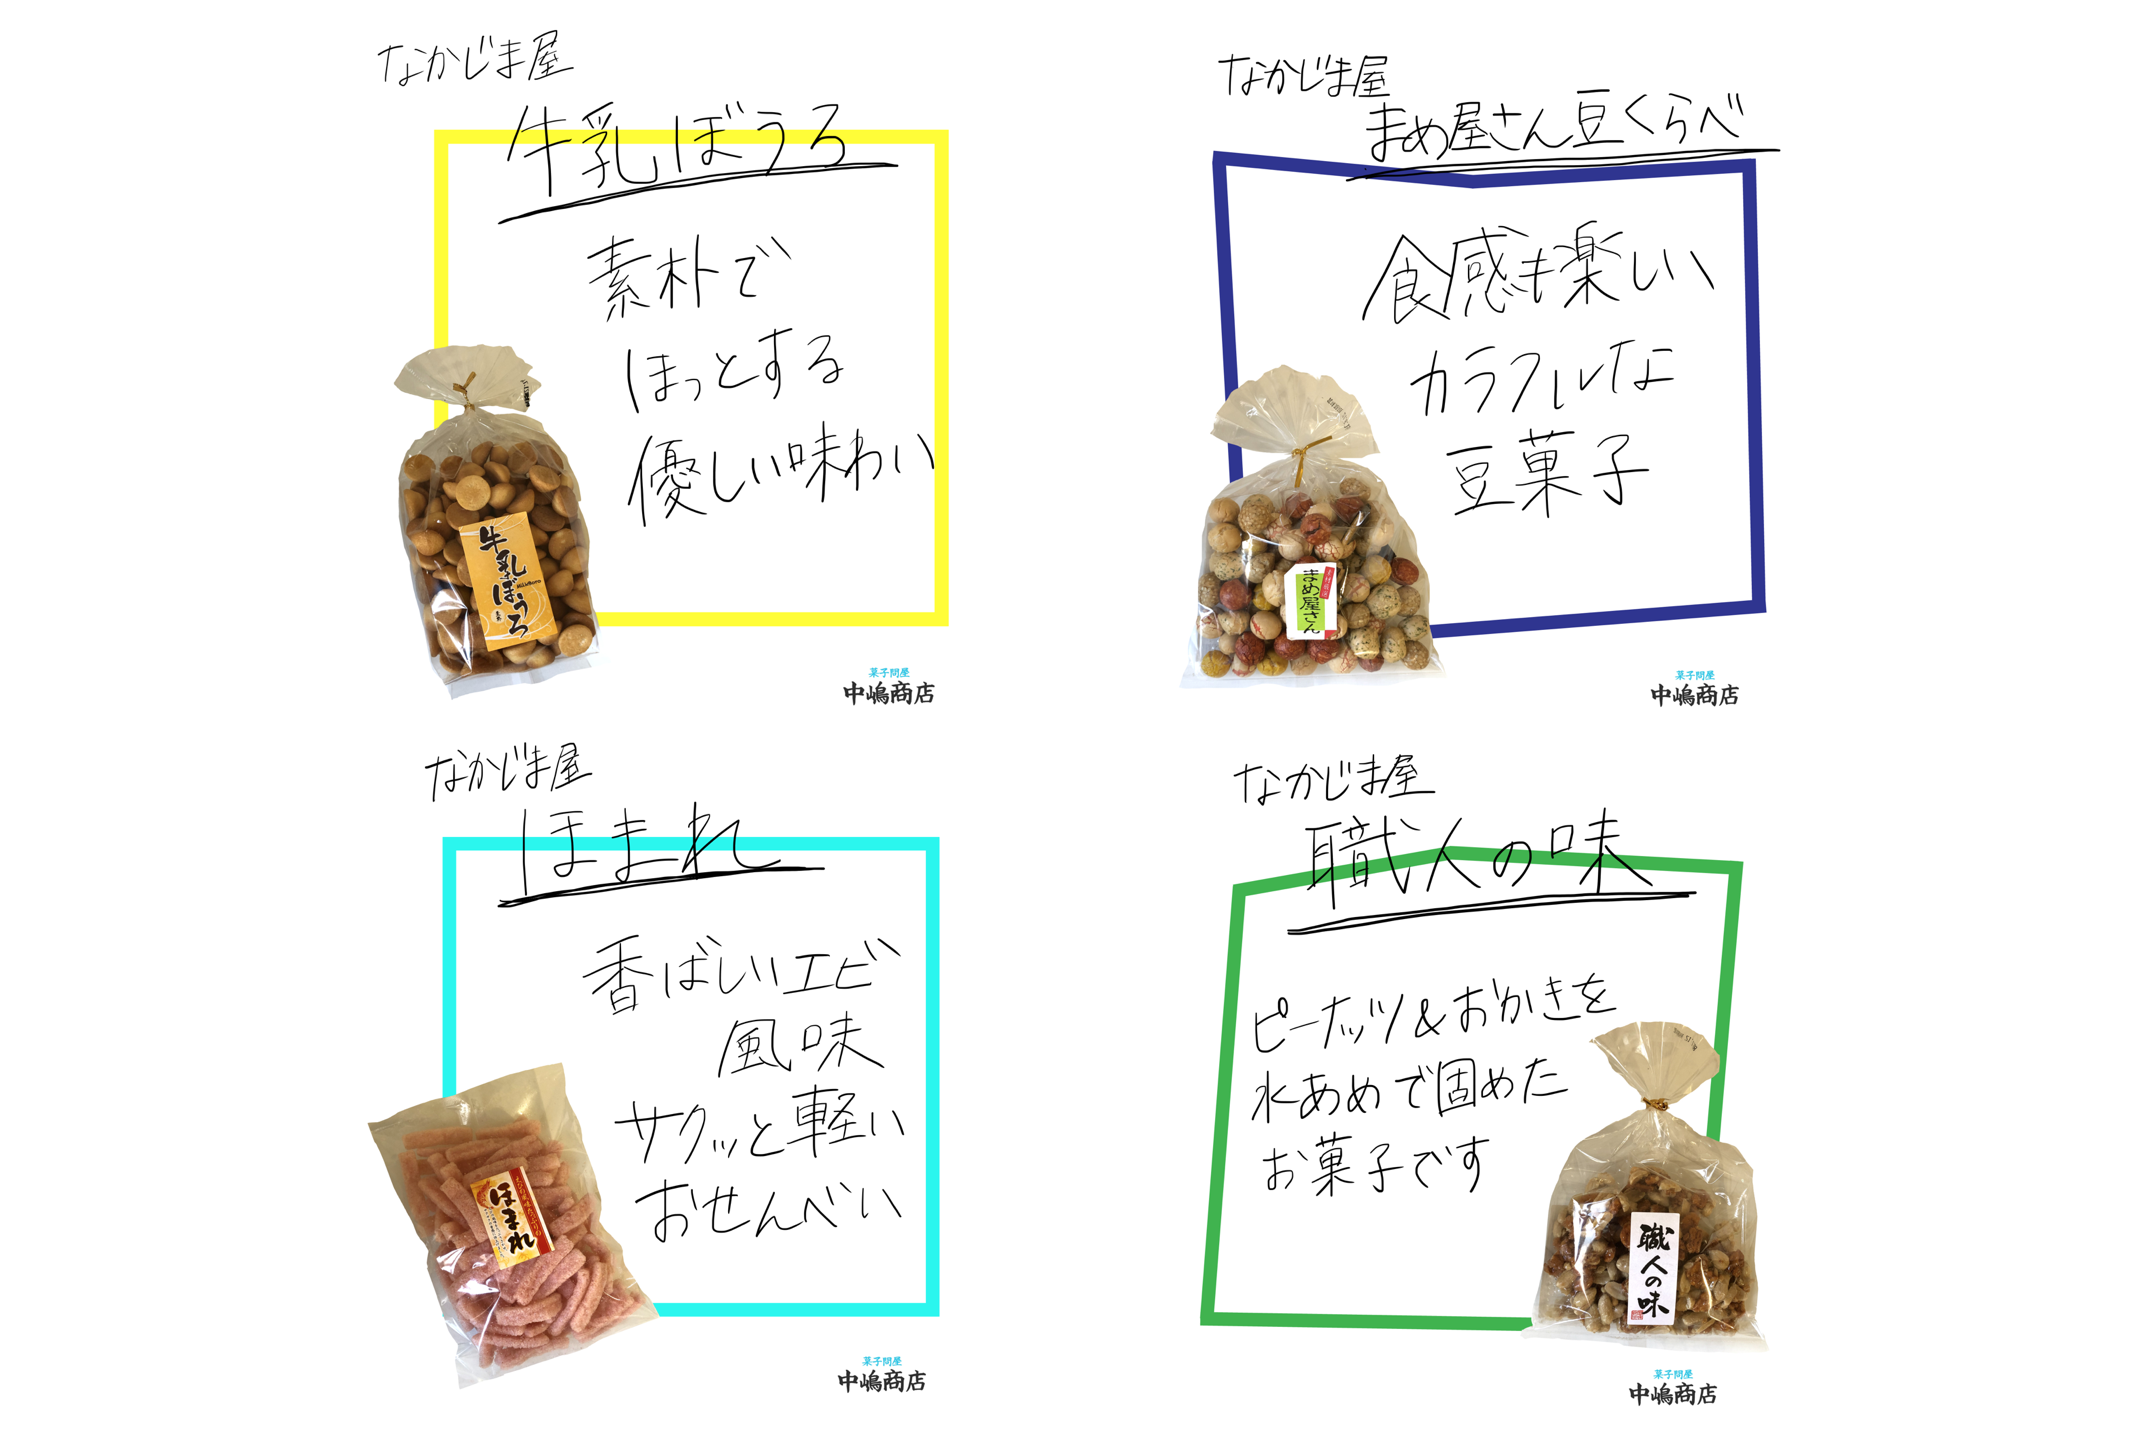 中嶋商店のプライベートブランド「なかじま屋」の商品特集